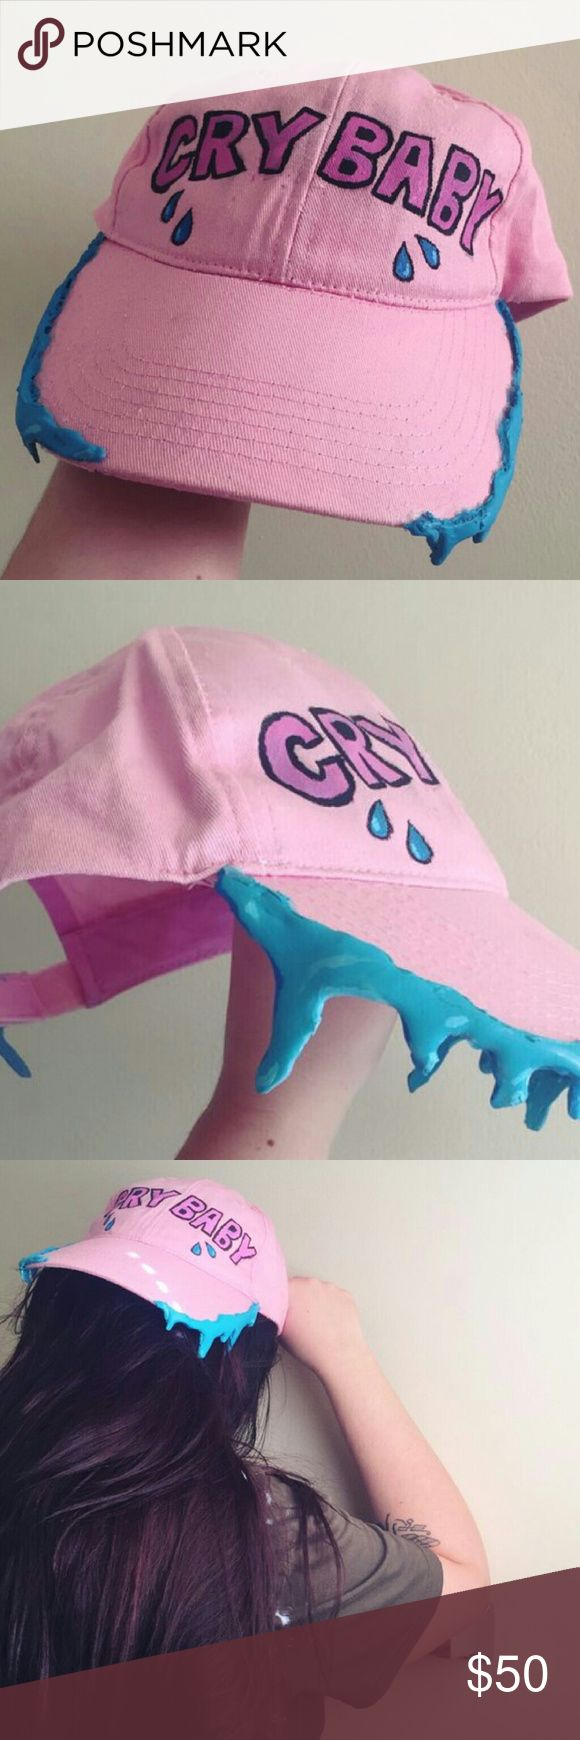 Melanie Martinez Crybaby hat Inspired by Melanie Martinez Accessories Hats